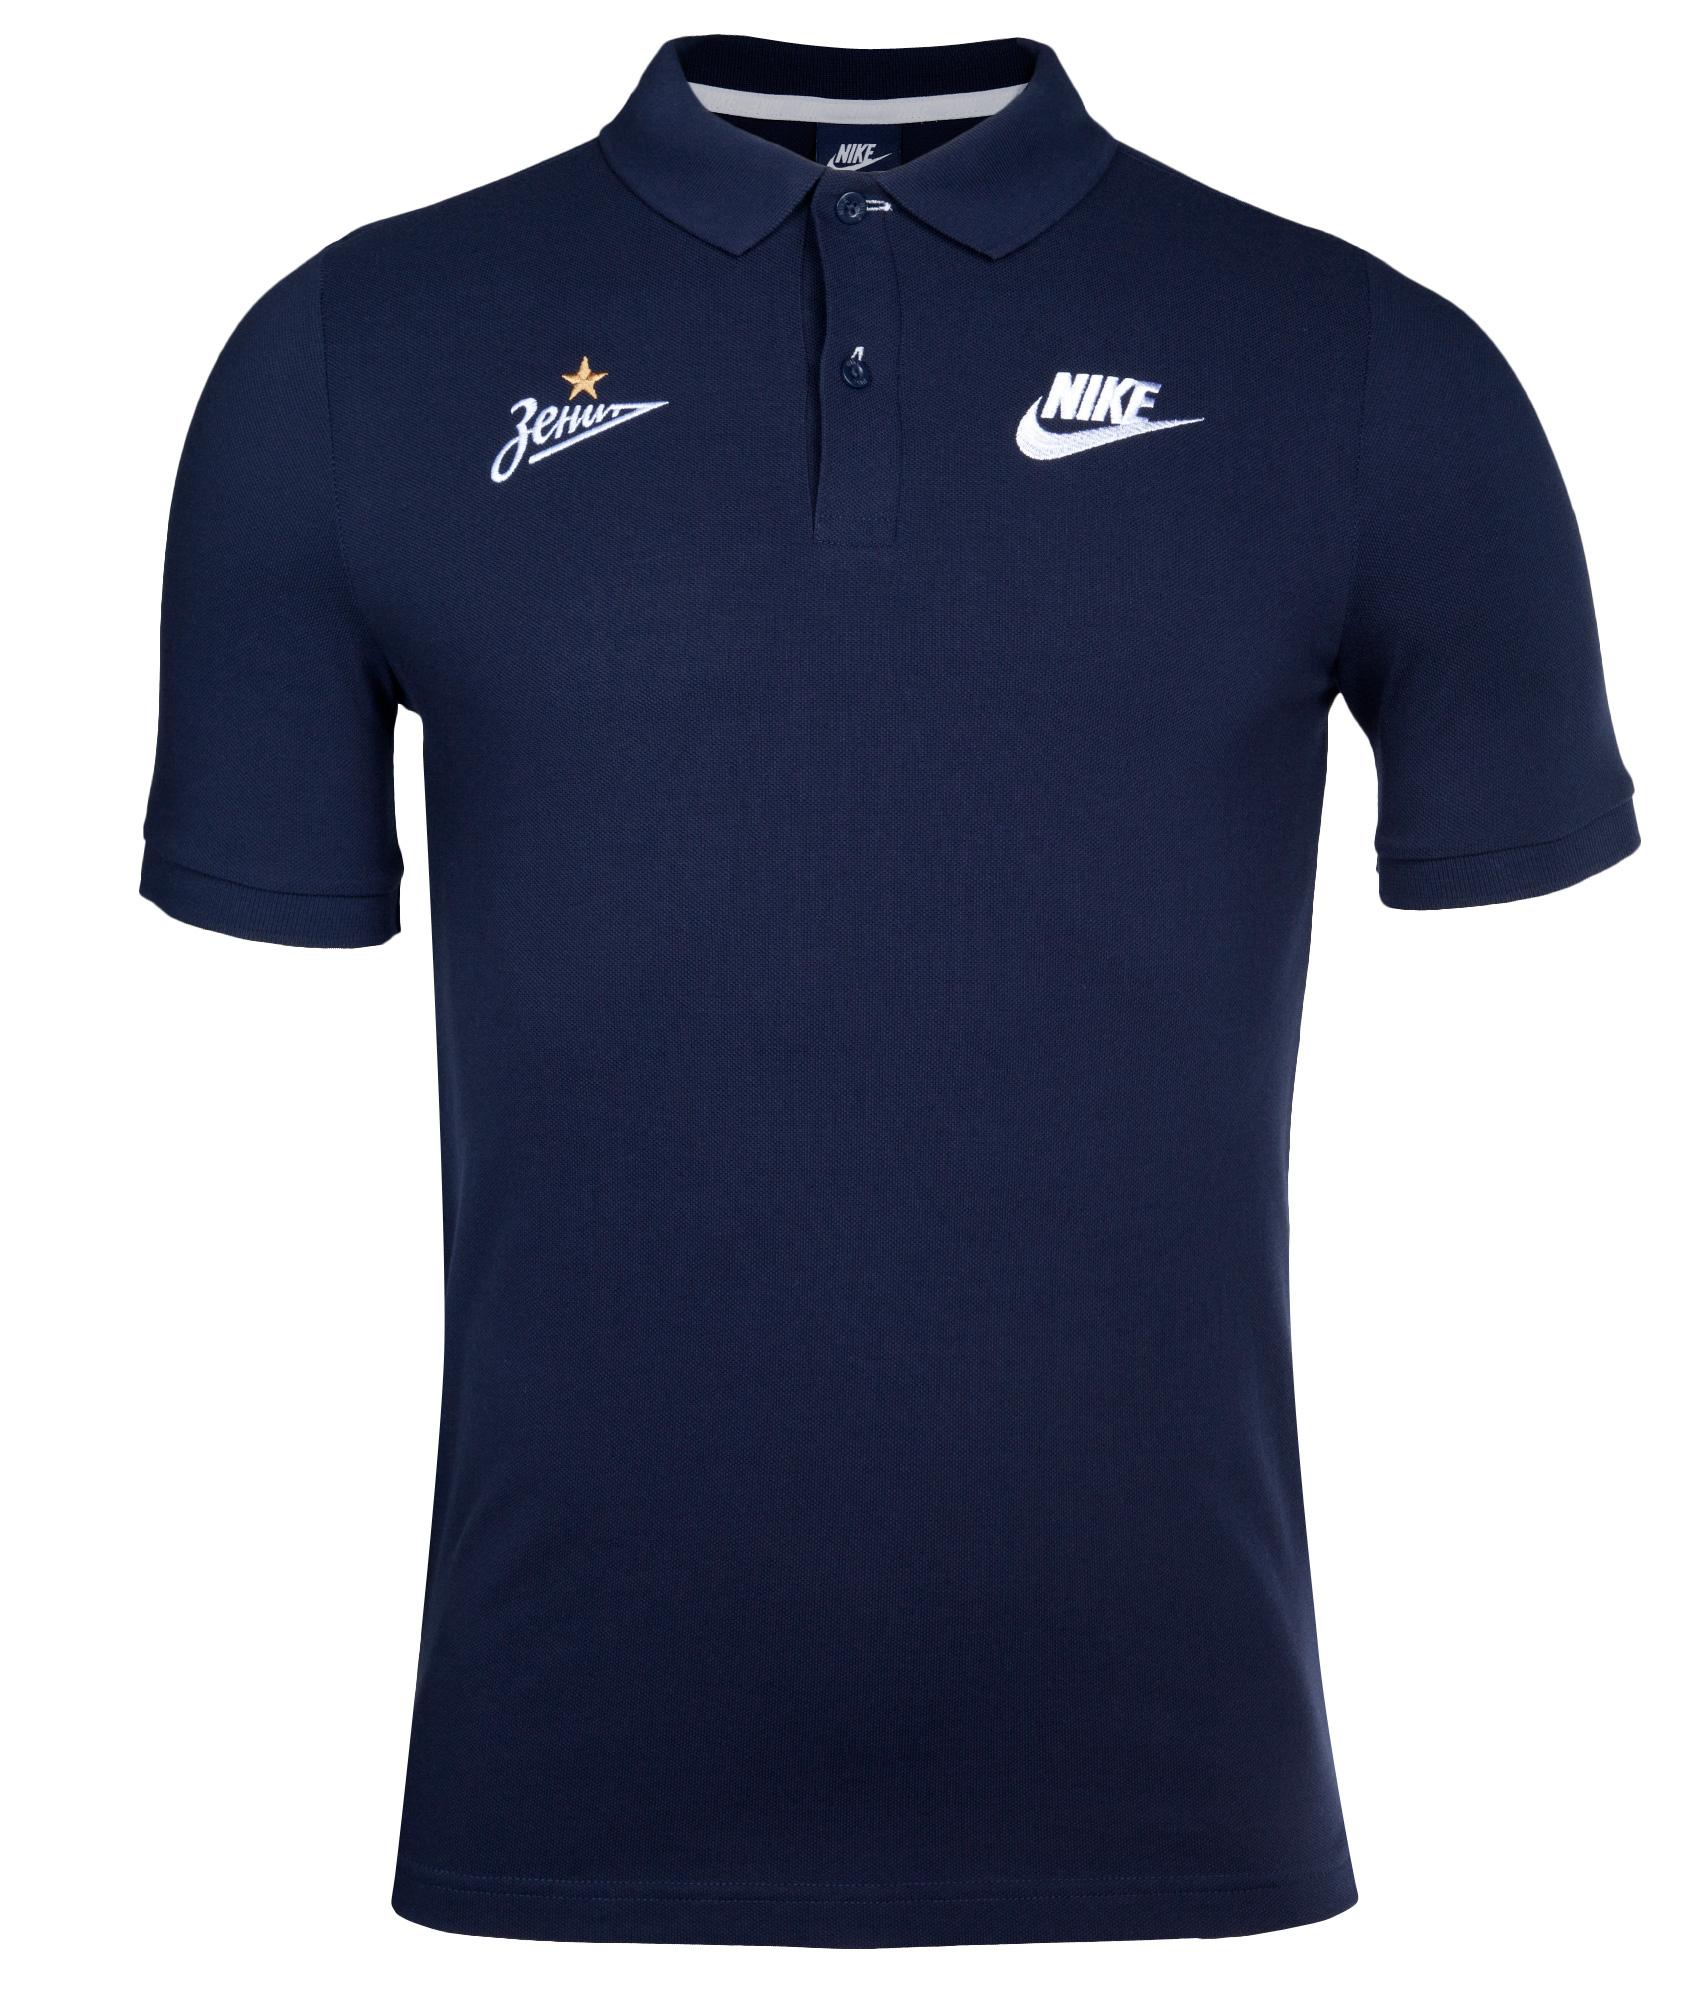 цены Поло Nike, Цвет-Темно-Синий, Размер-XL